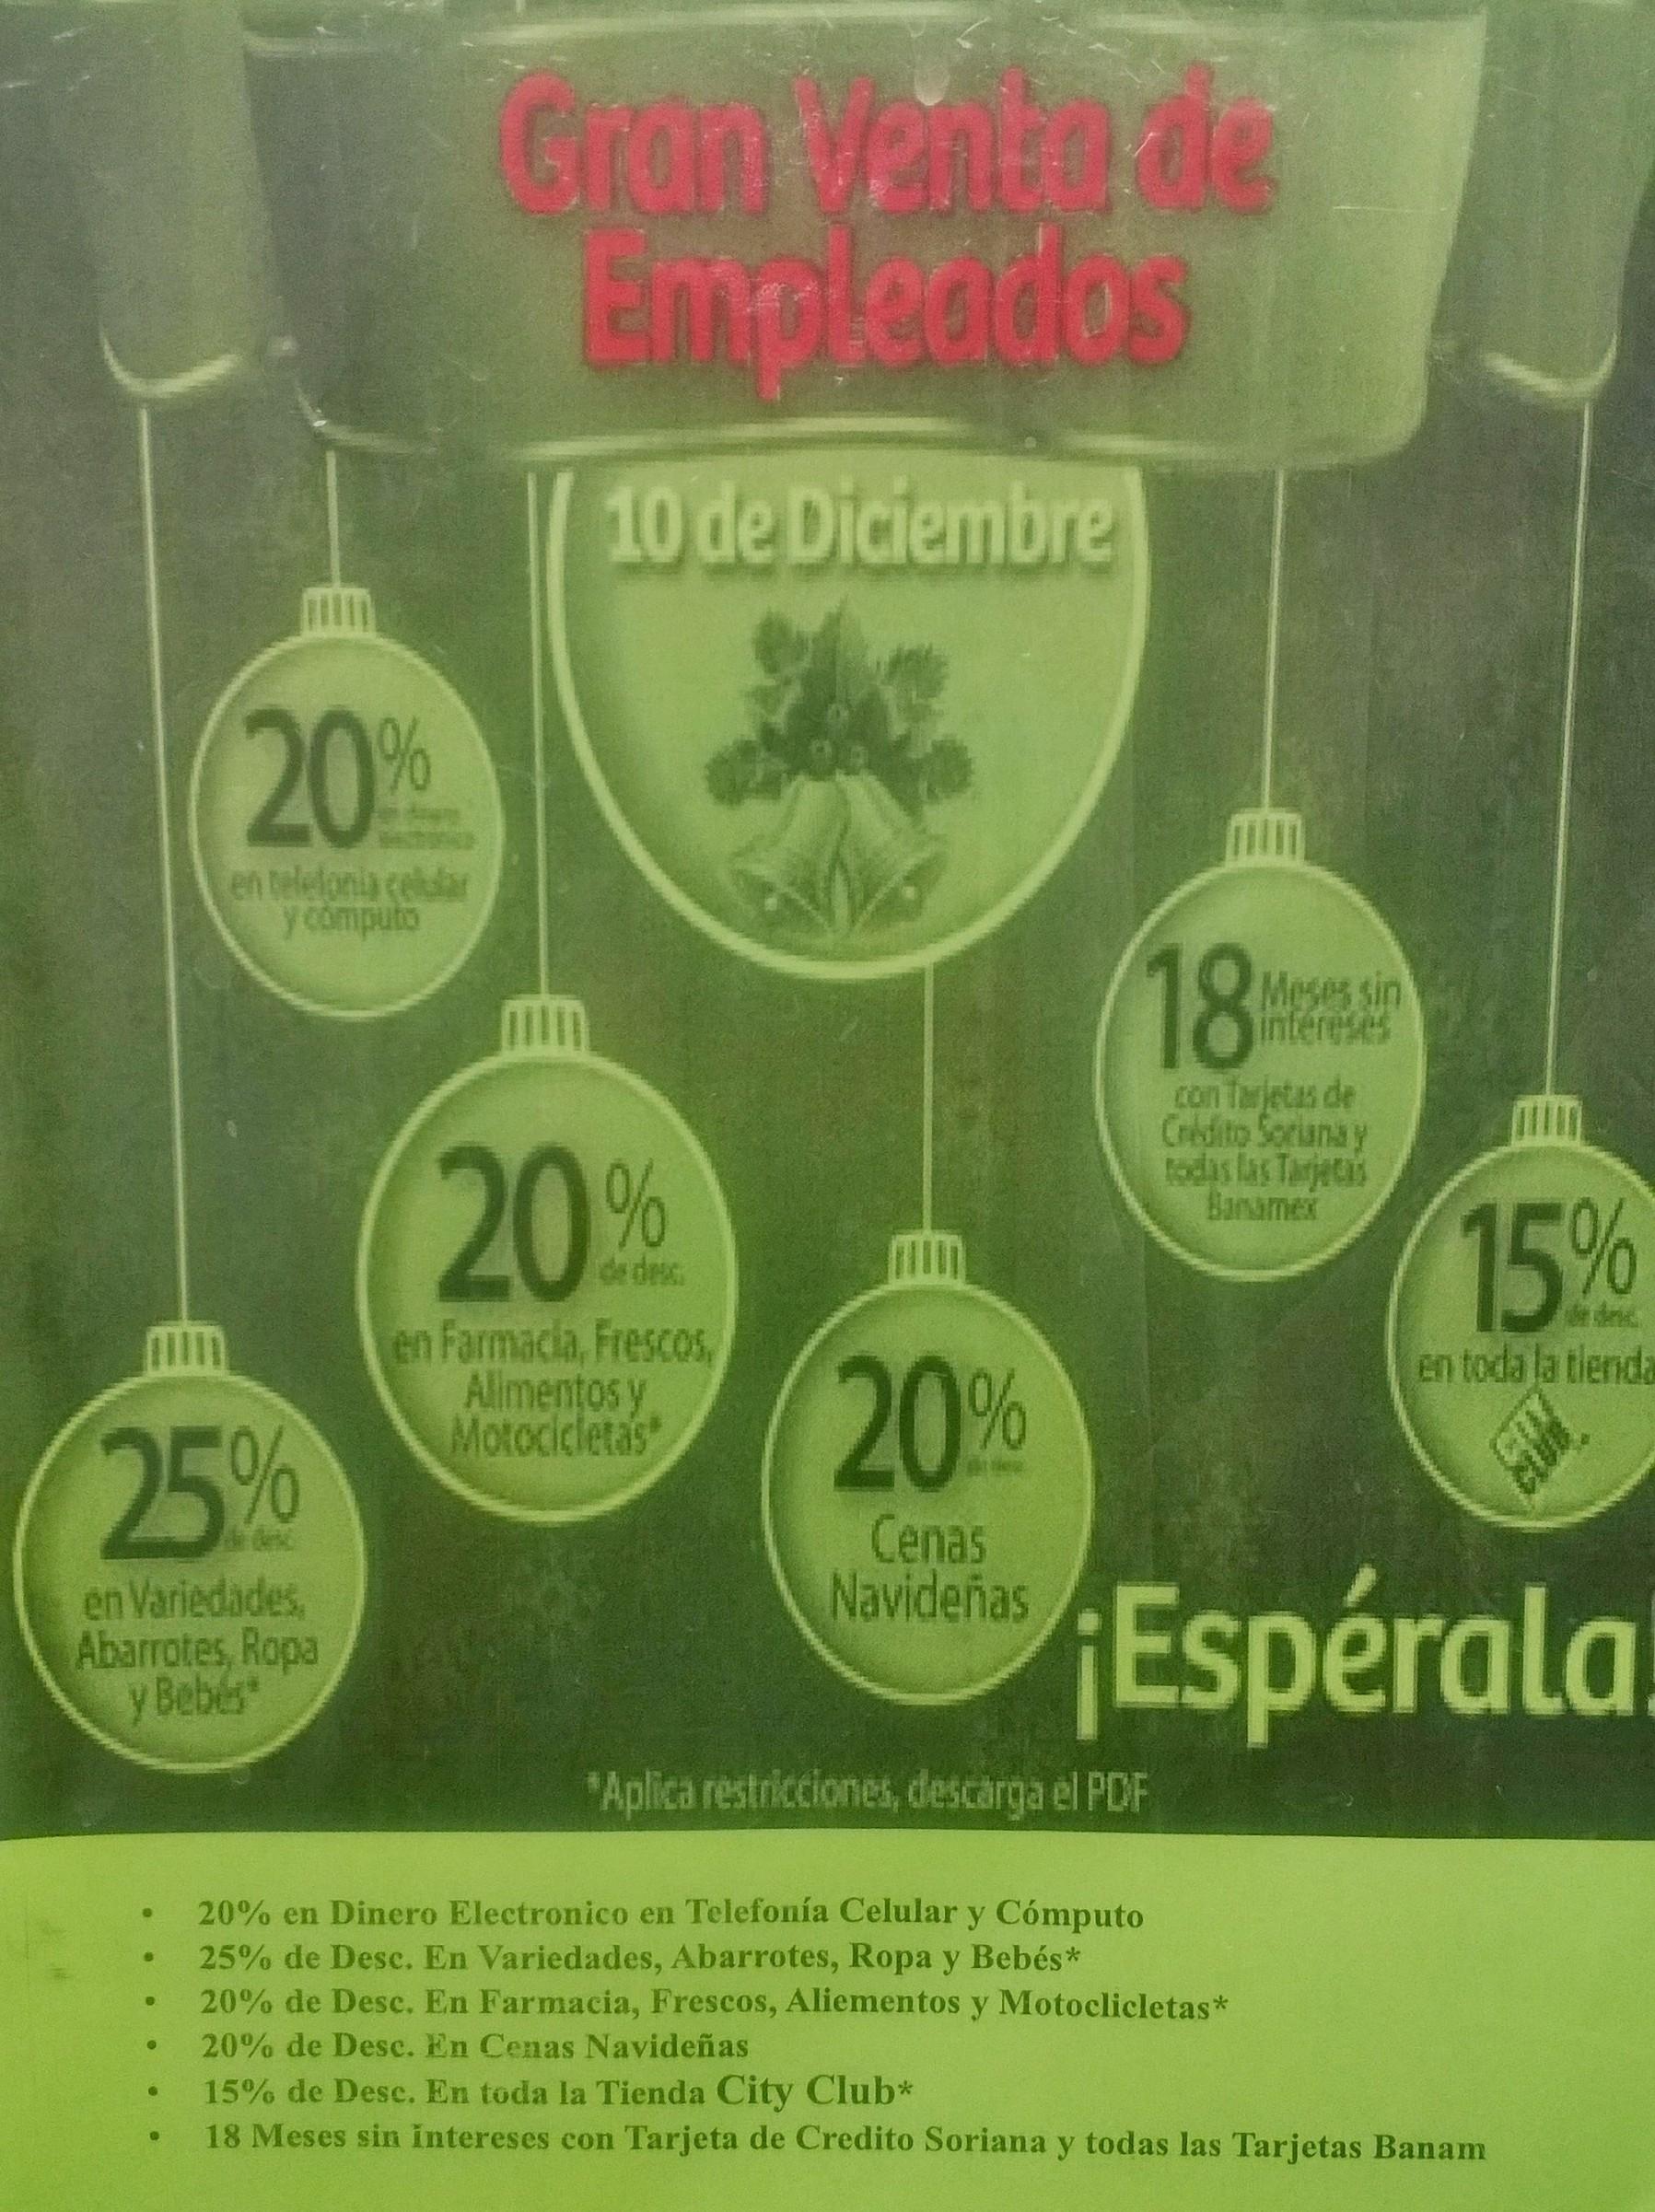 Soriana gran venta de empleados diciembre 10: 25% de descuento en abarrotes, ropa, variedades y bebes y más